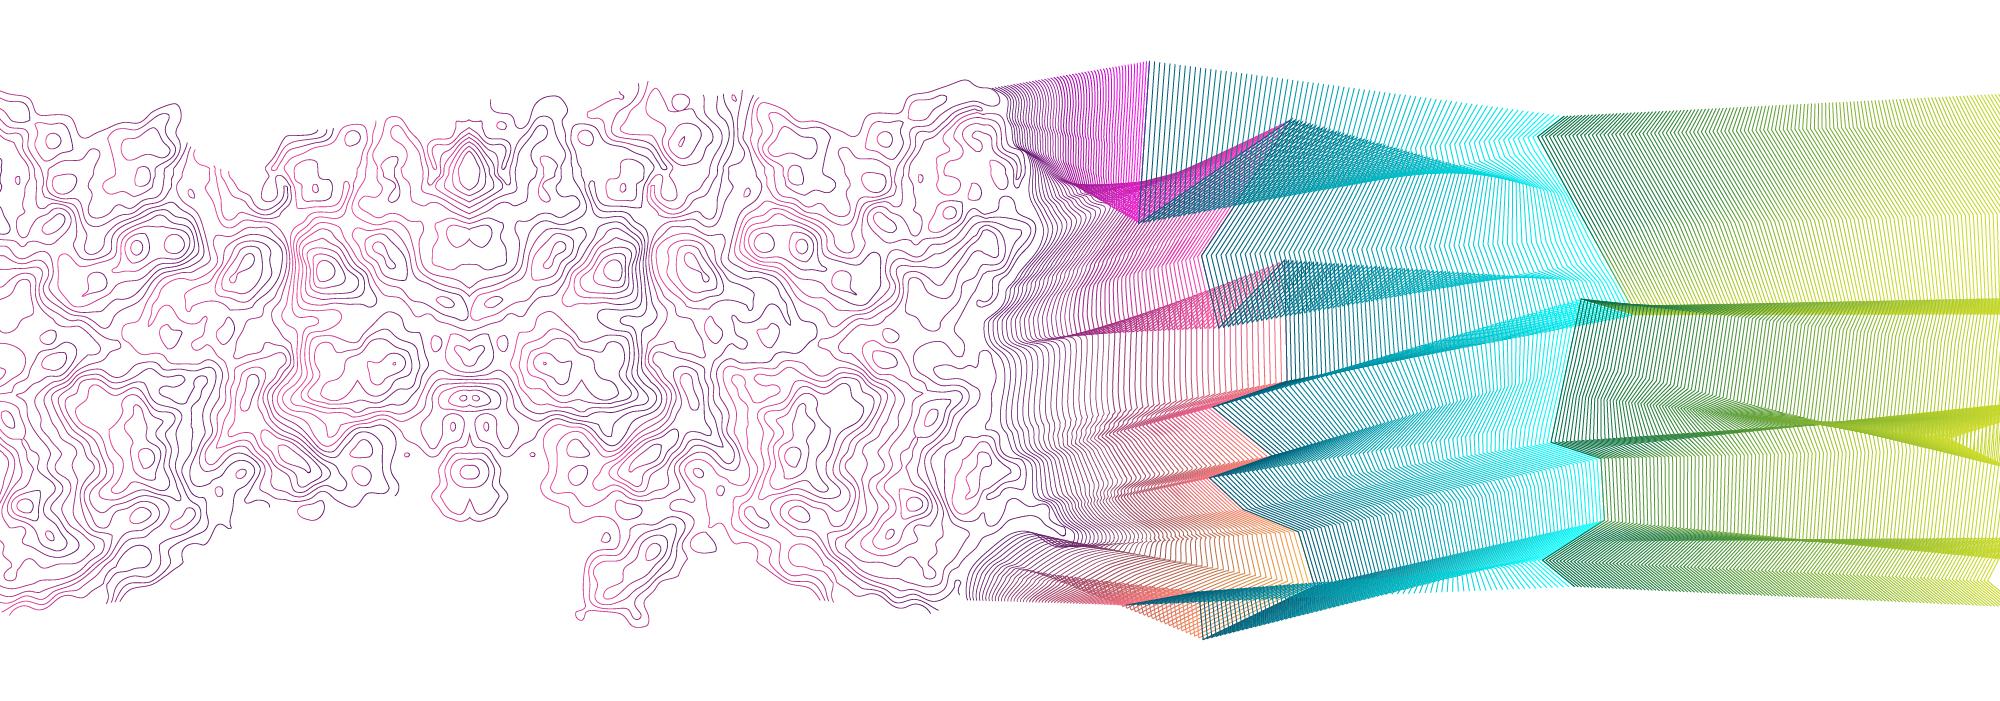 Divider_2000x700-Pur-Grn.jpg